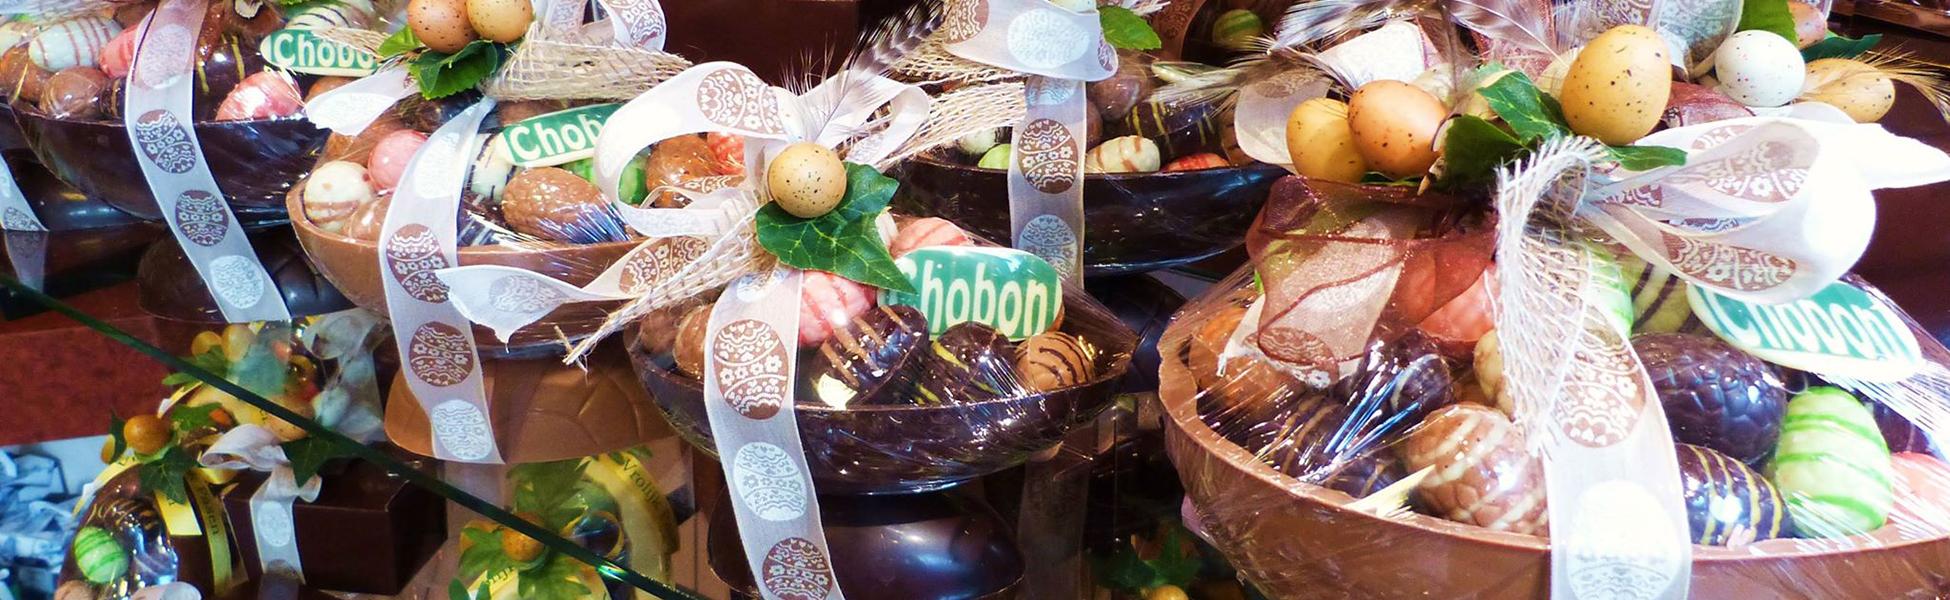 Wij wensen u een heerlijke chocolade Pasen